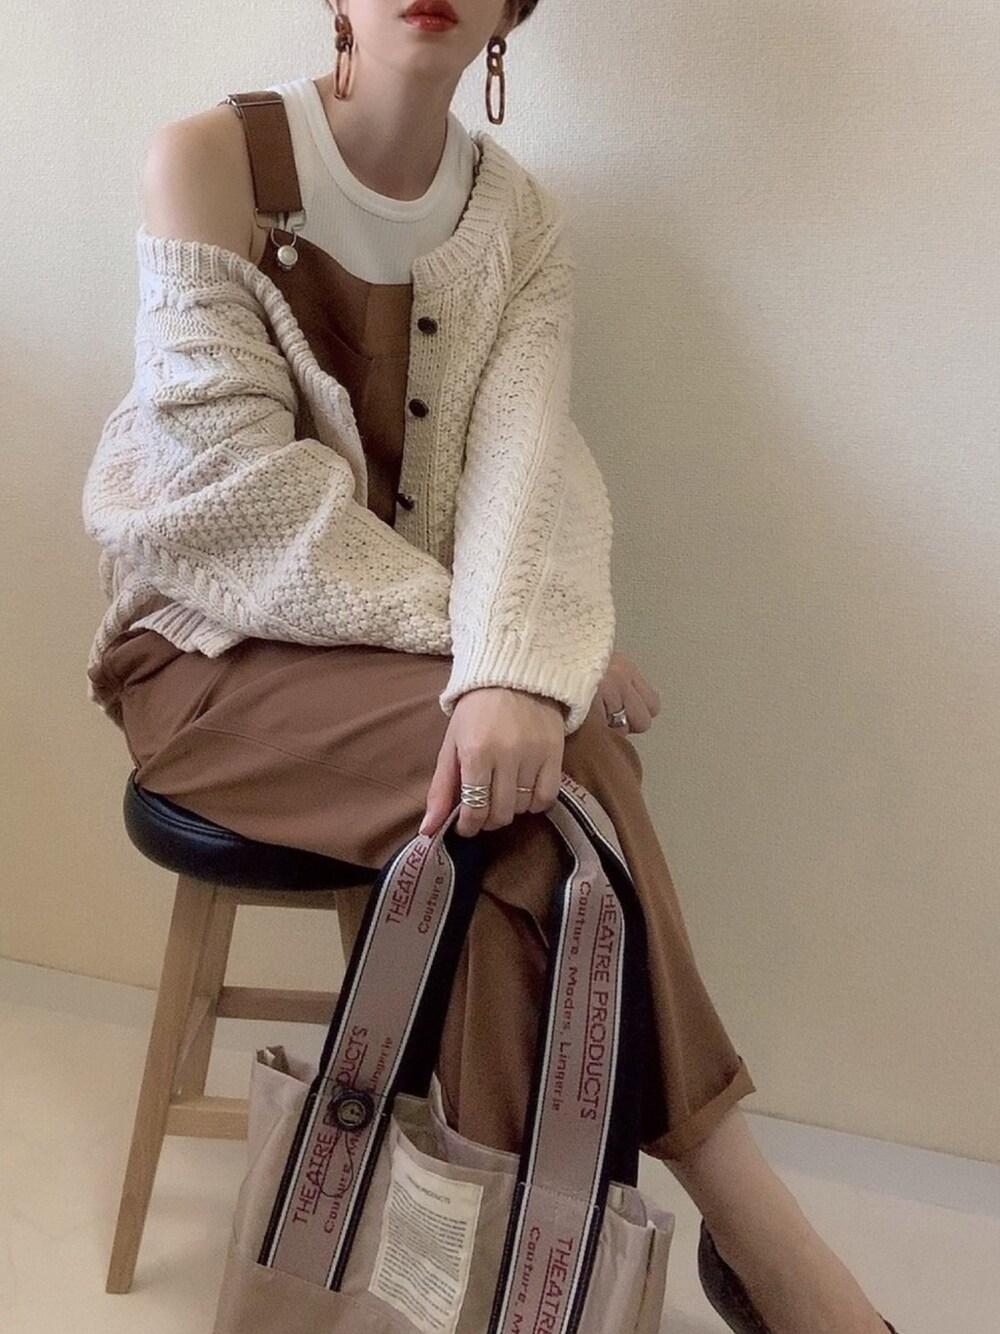 9月コーデ  服装 秋 ファッション ママ